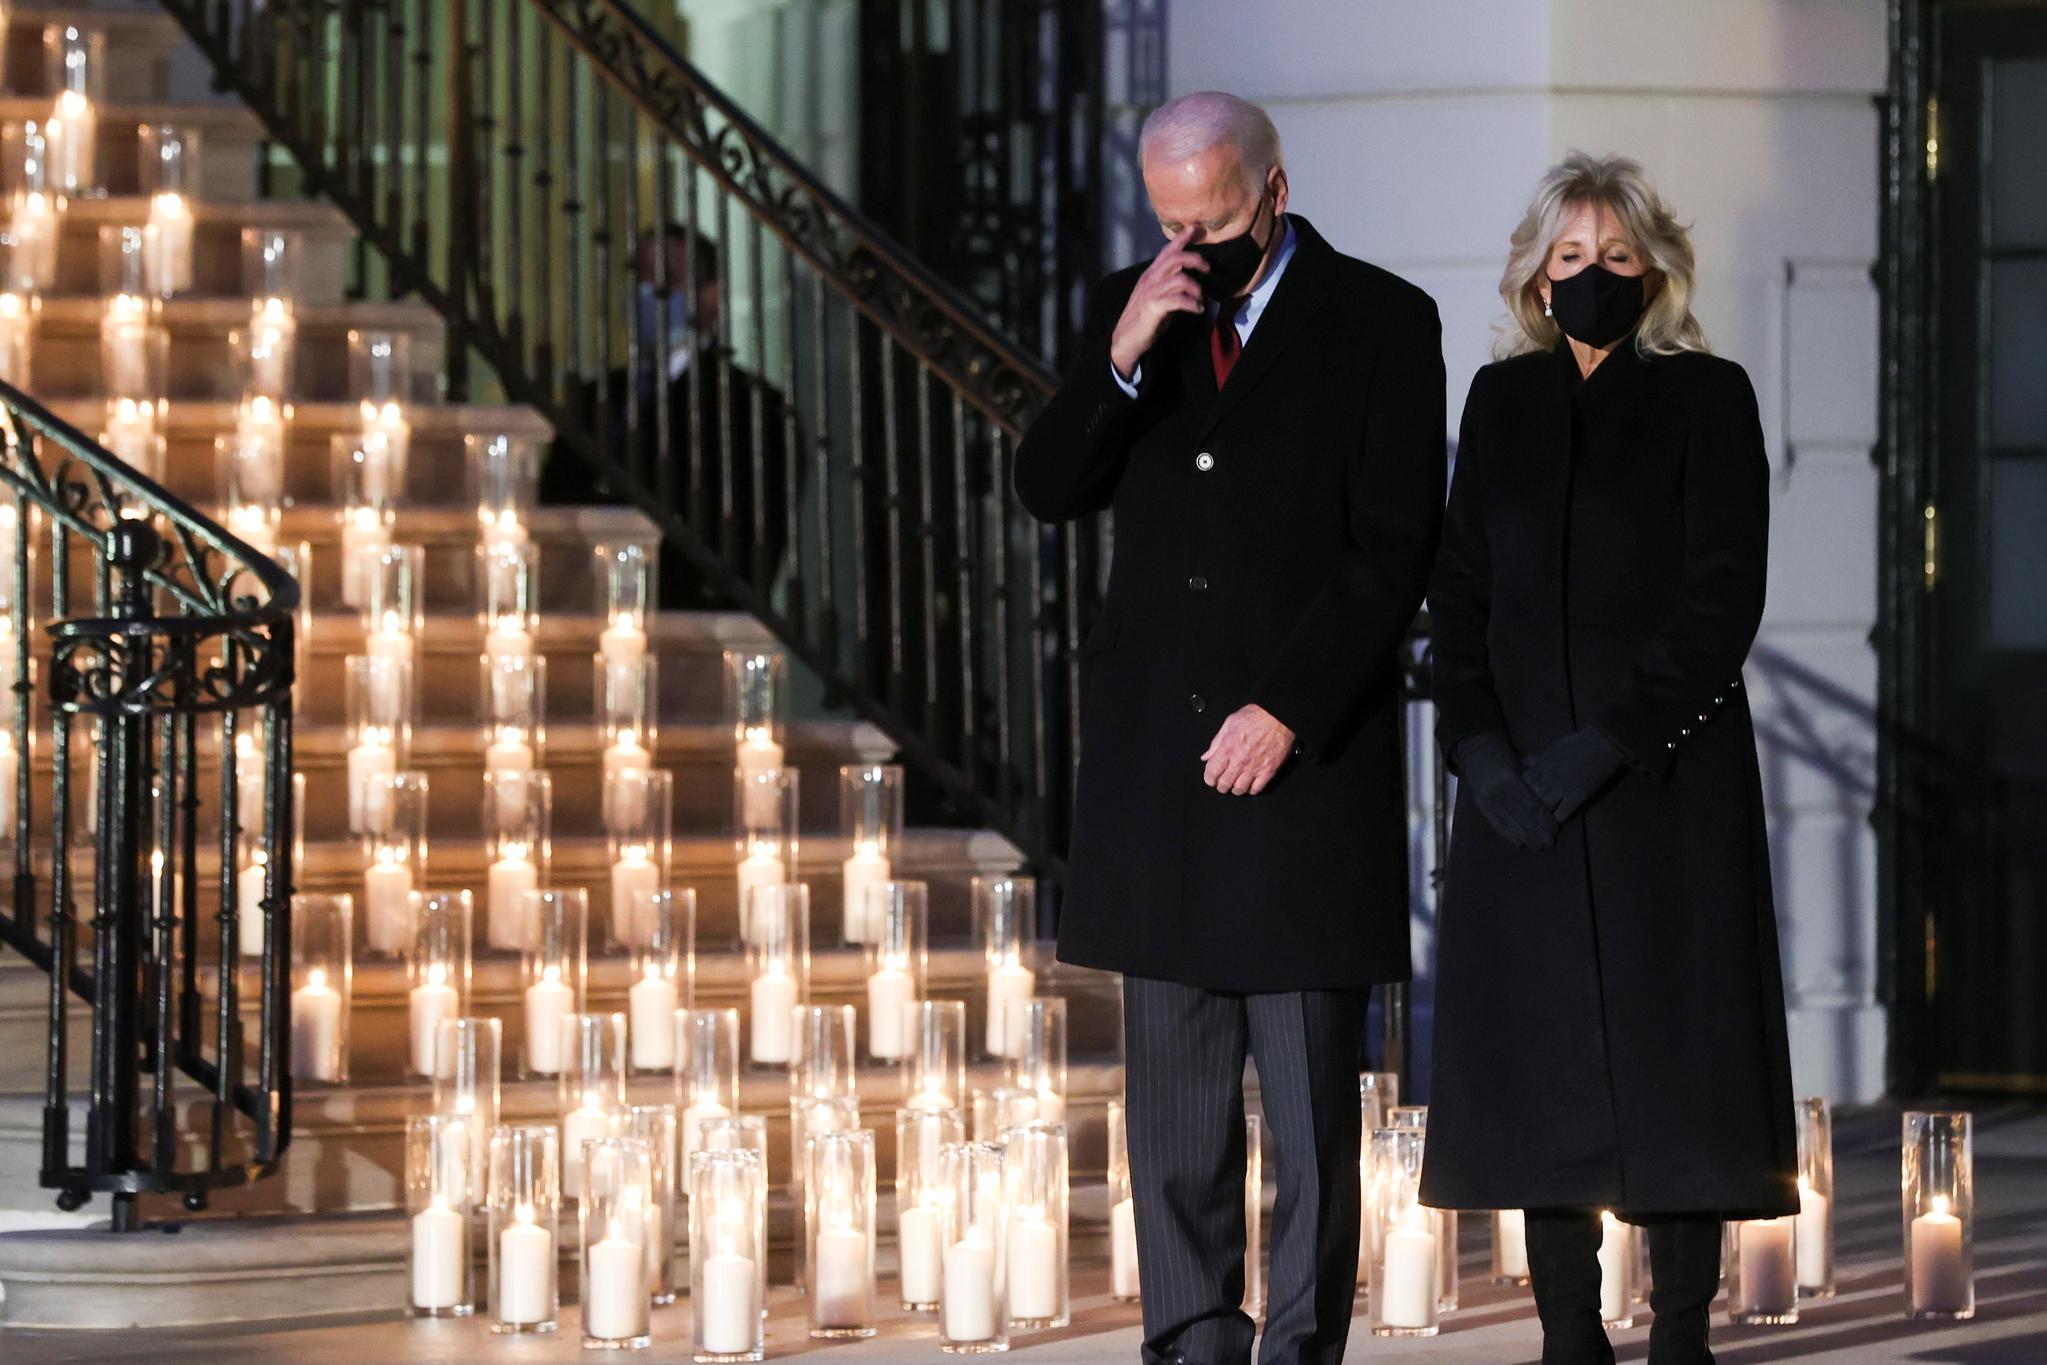 바이든 미국 대통령과 부인 질 바이든 여사가 22일 저녁 백악관에서 열린 코로나 19 희생자 50만명을 추모하는 촛불 점화 행사에 참석해 희생자를 추모하고 있다. 로이터=연합뉴스